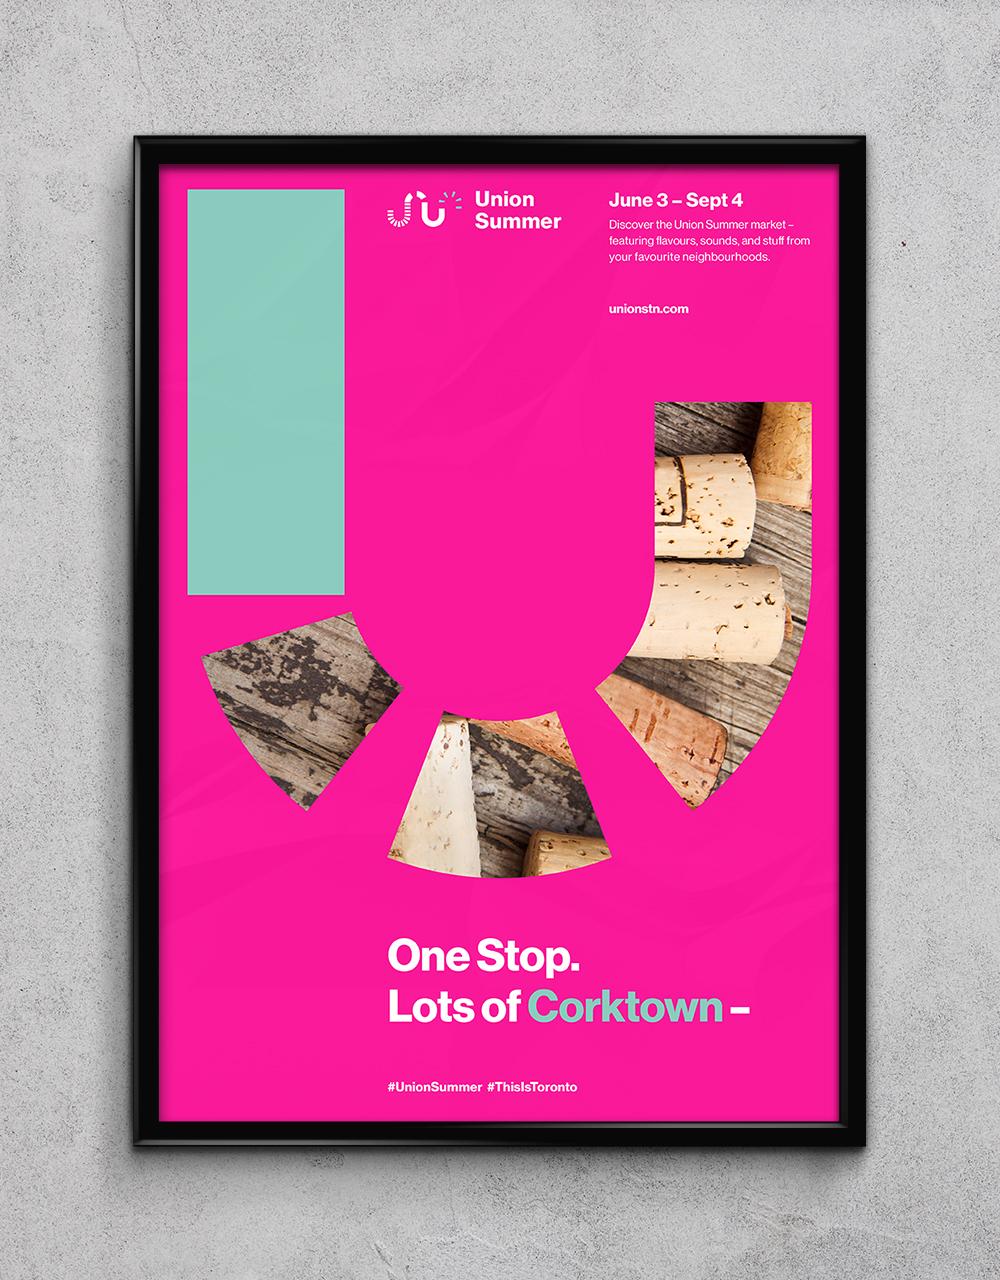 UNION_Poster Mockup Frame_Corktown.jpg